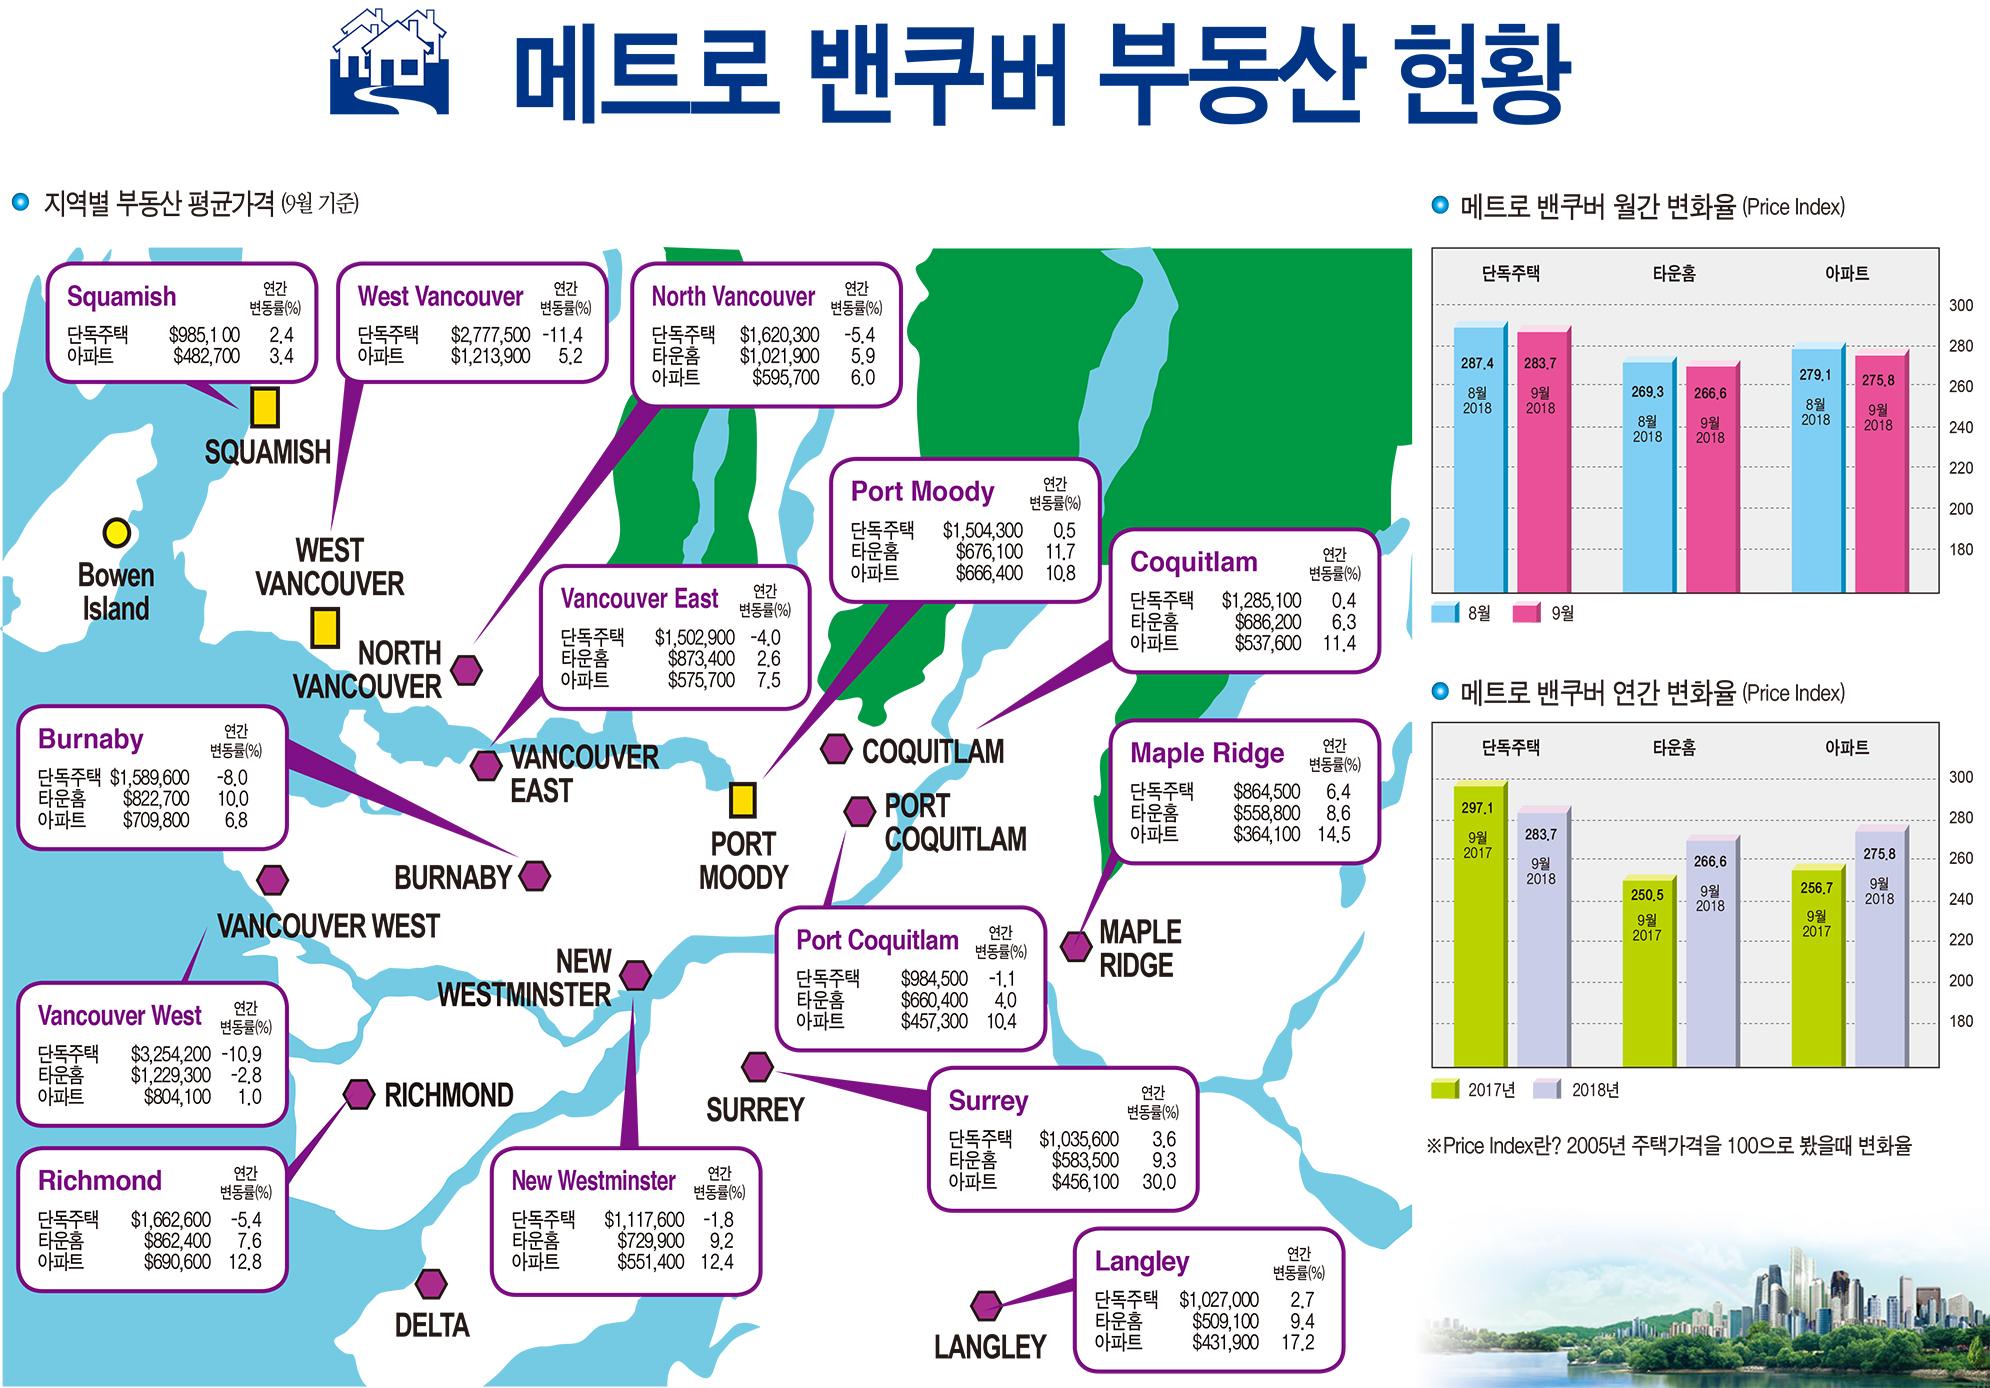 메트로 밴쿠버 부동산 현황(2018년 9월)